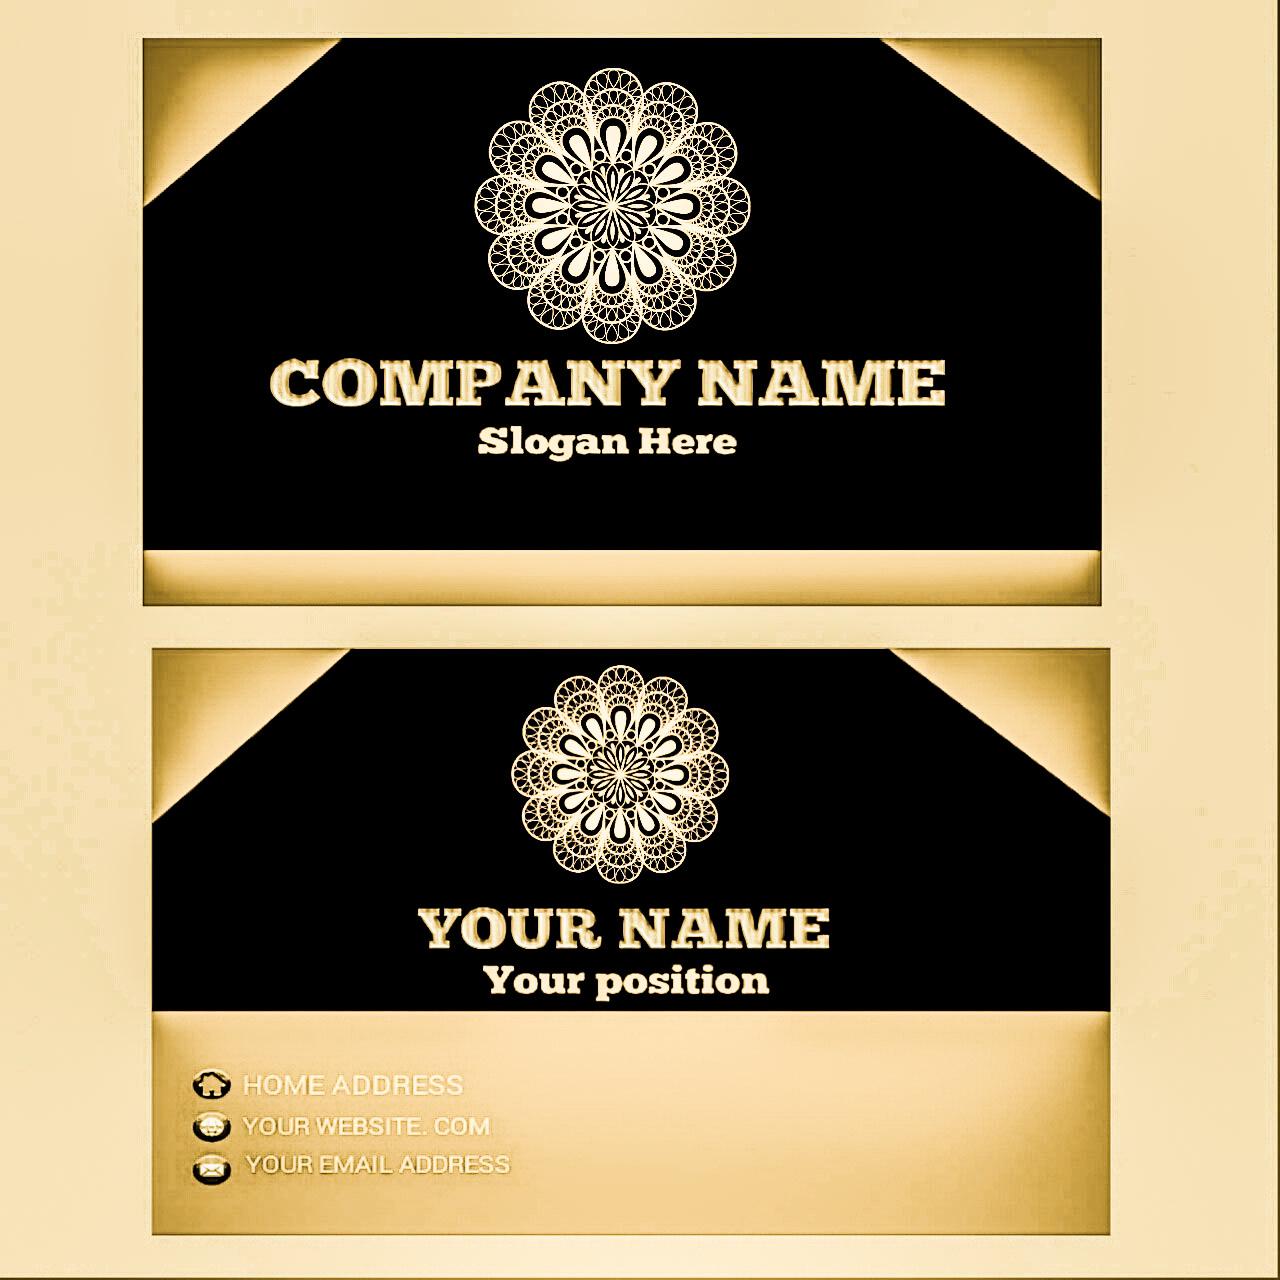 I will create a unique business card design